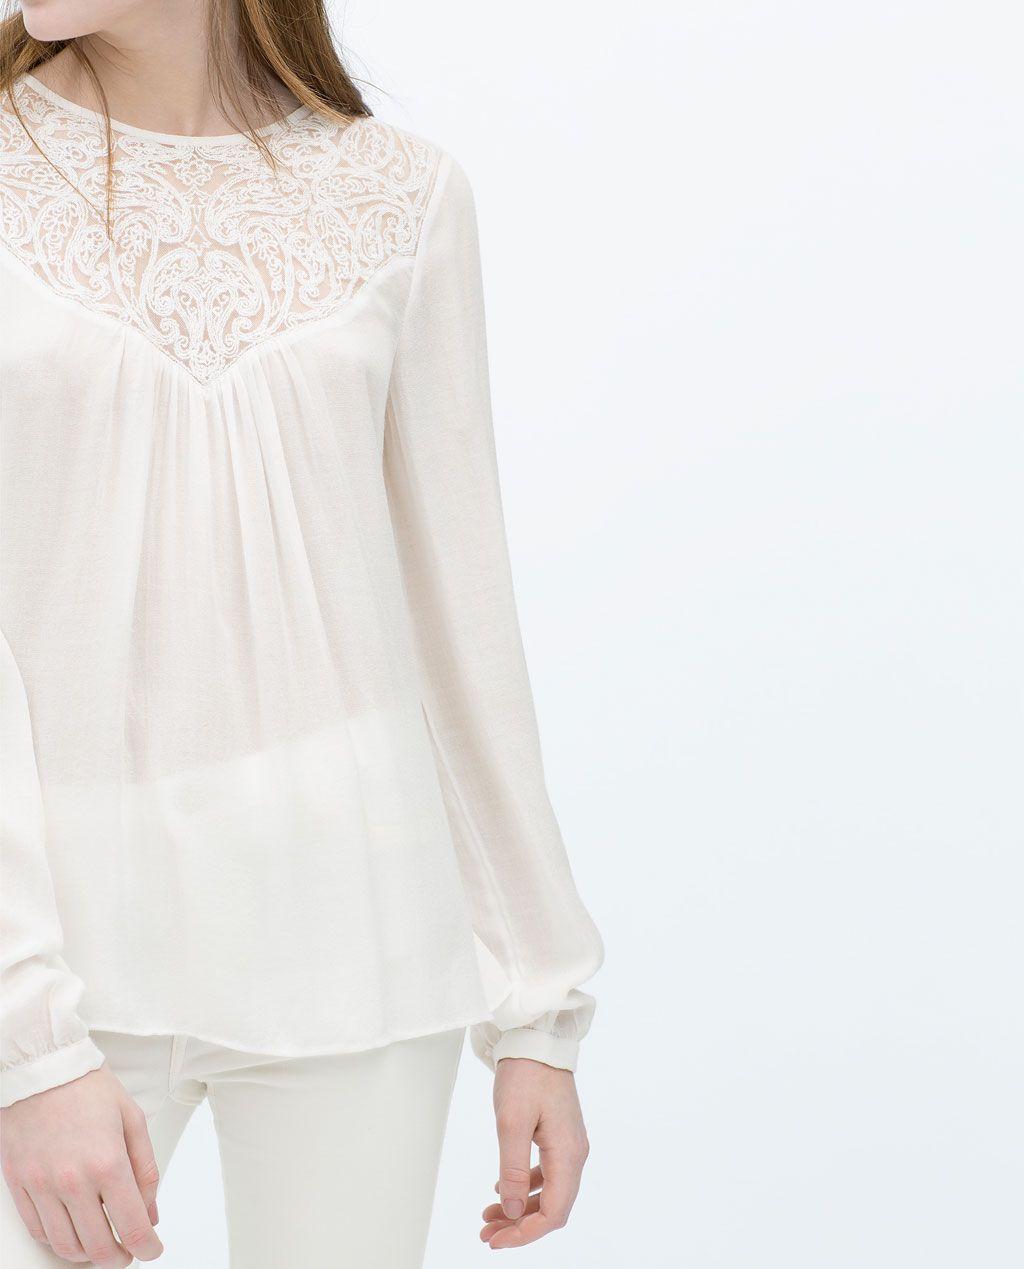 Image 2 de TOP COMBINÉ EN DENTELLE de Zara